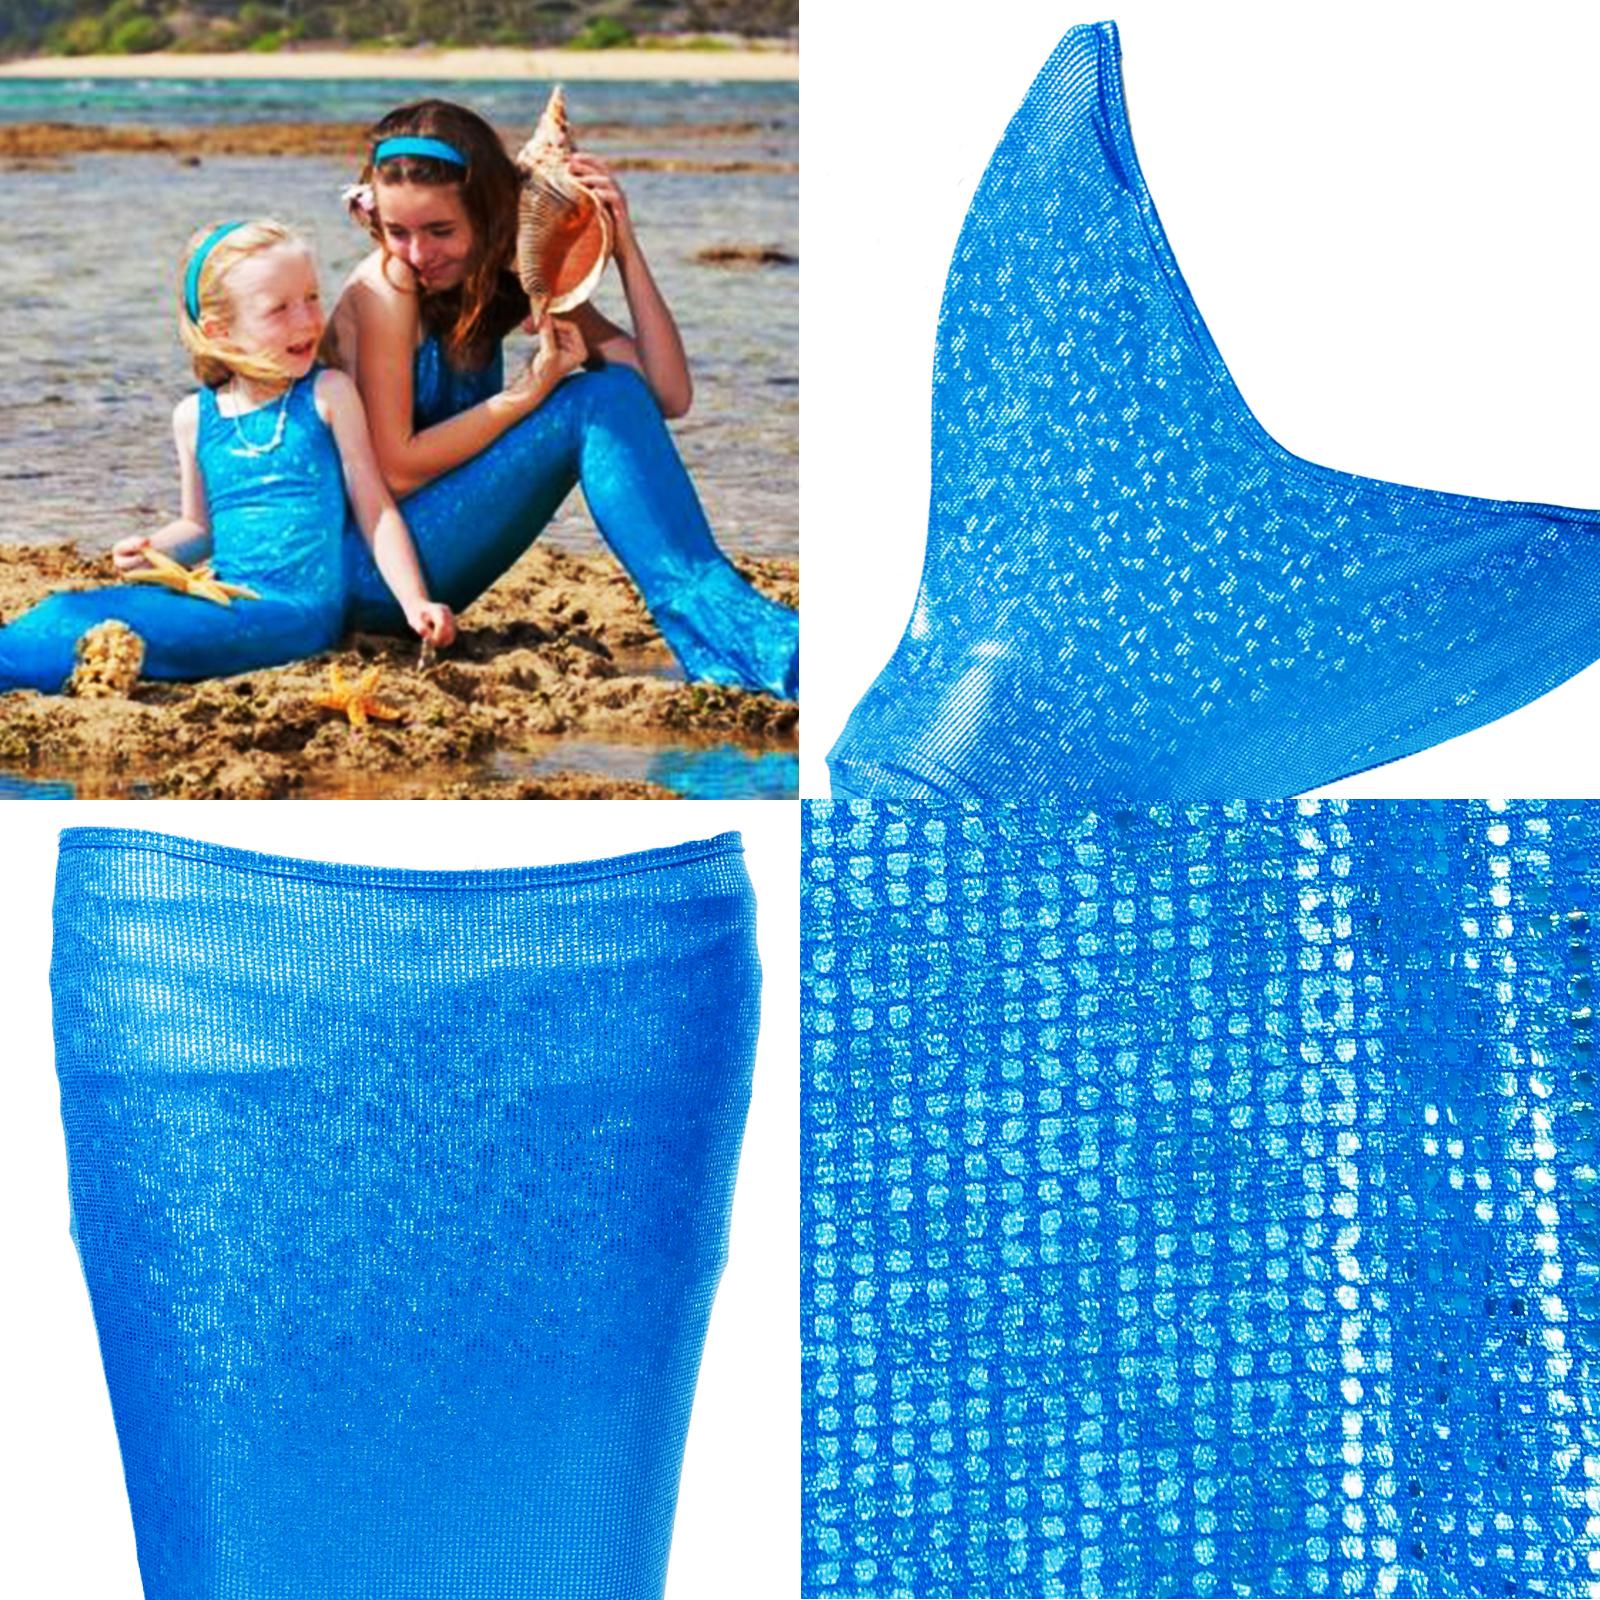 Ragazze bambine coda di sirena costume da bagno anni 8 10 11 13 ebay - Cartamodello costume da bagno ...